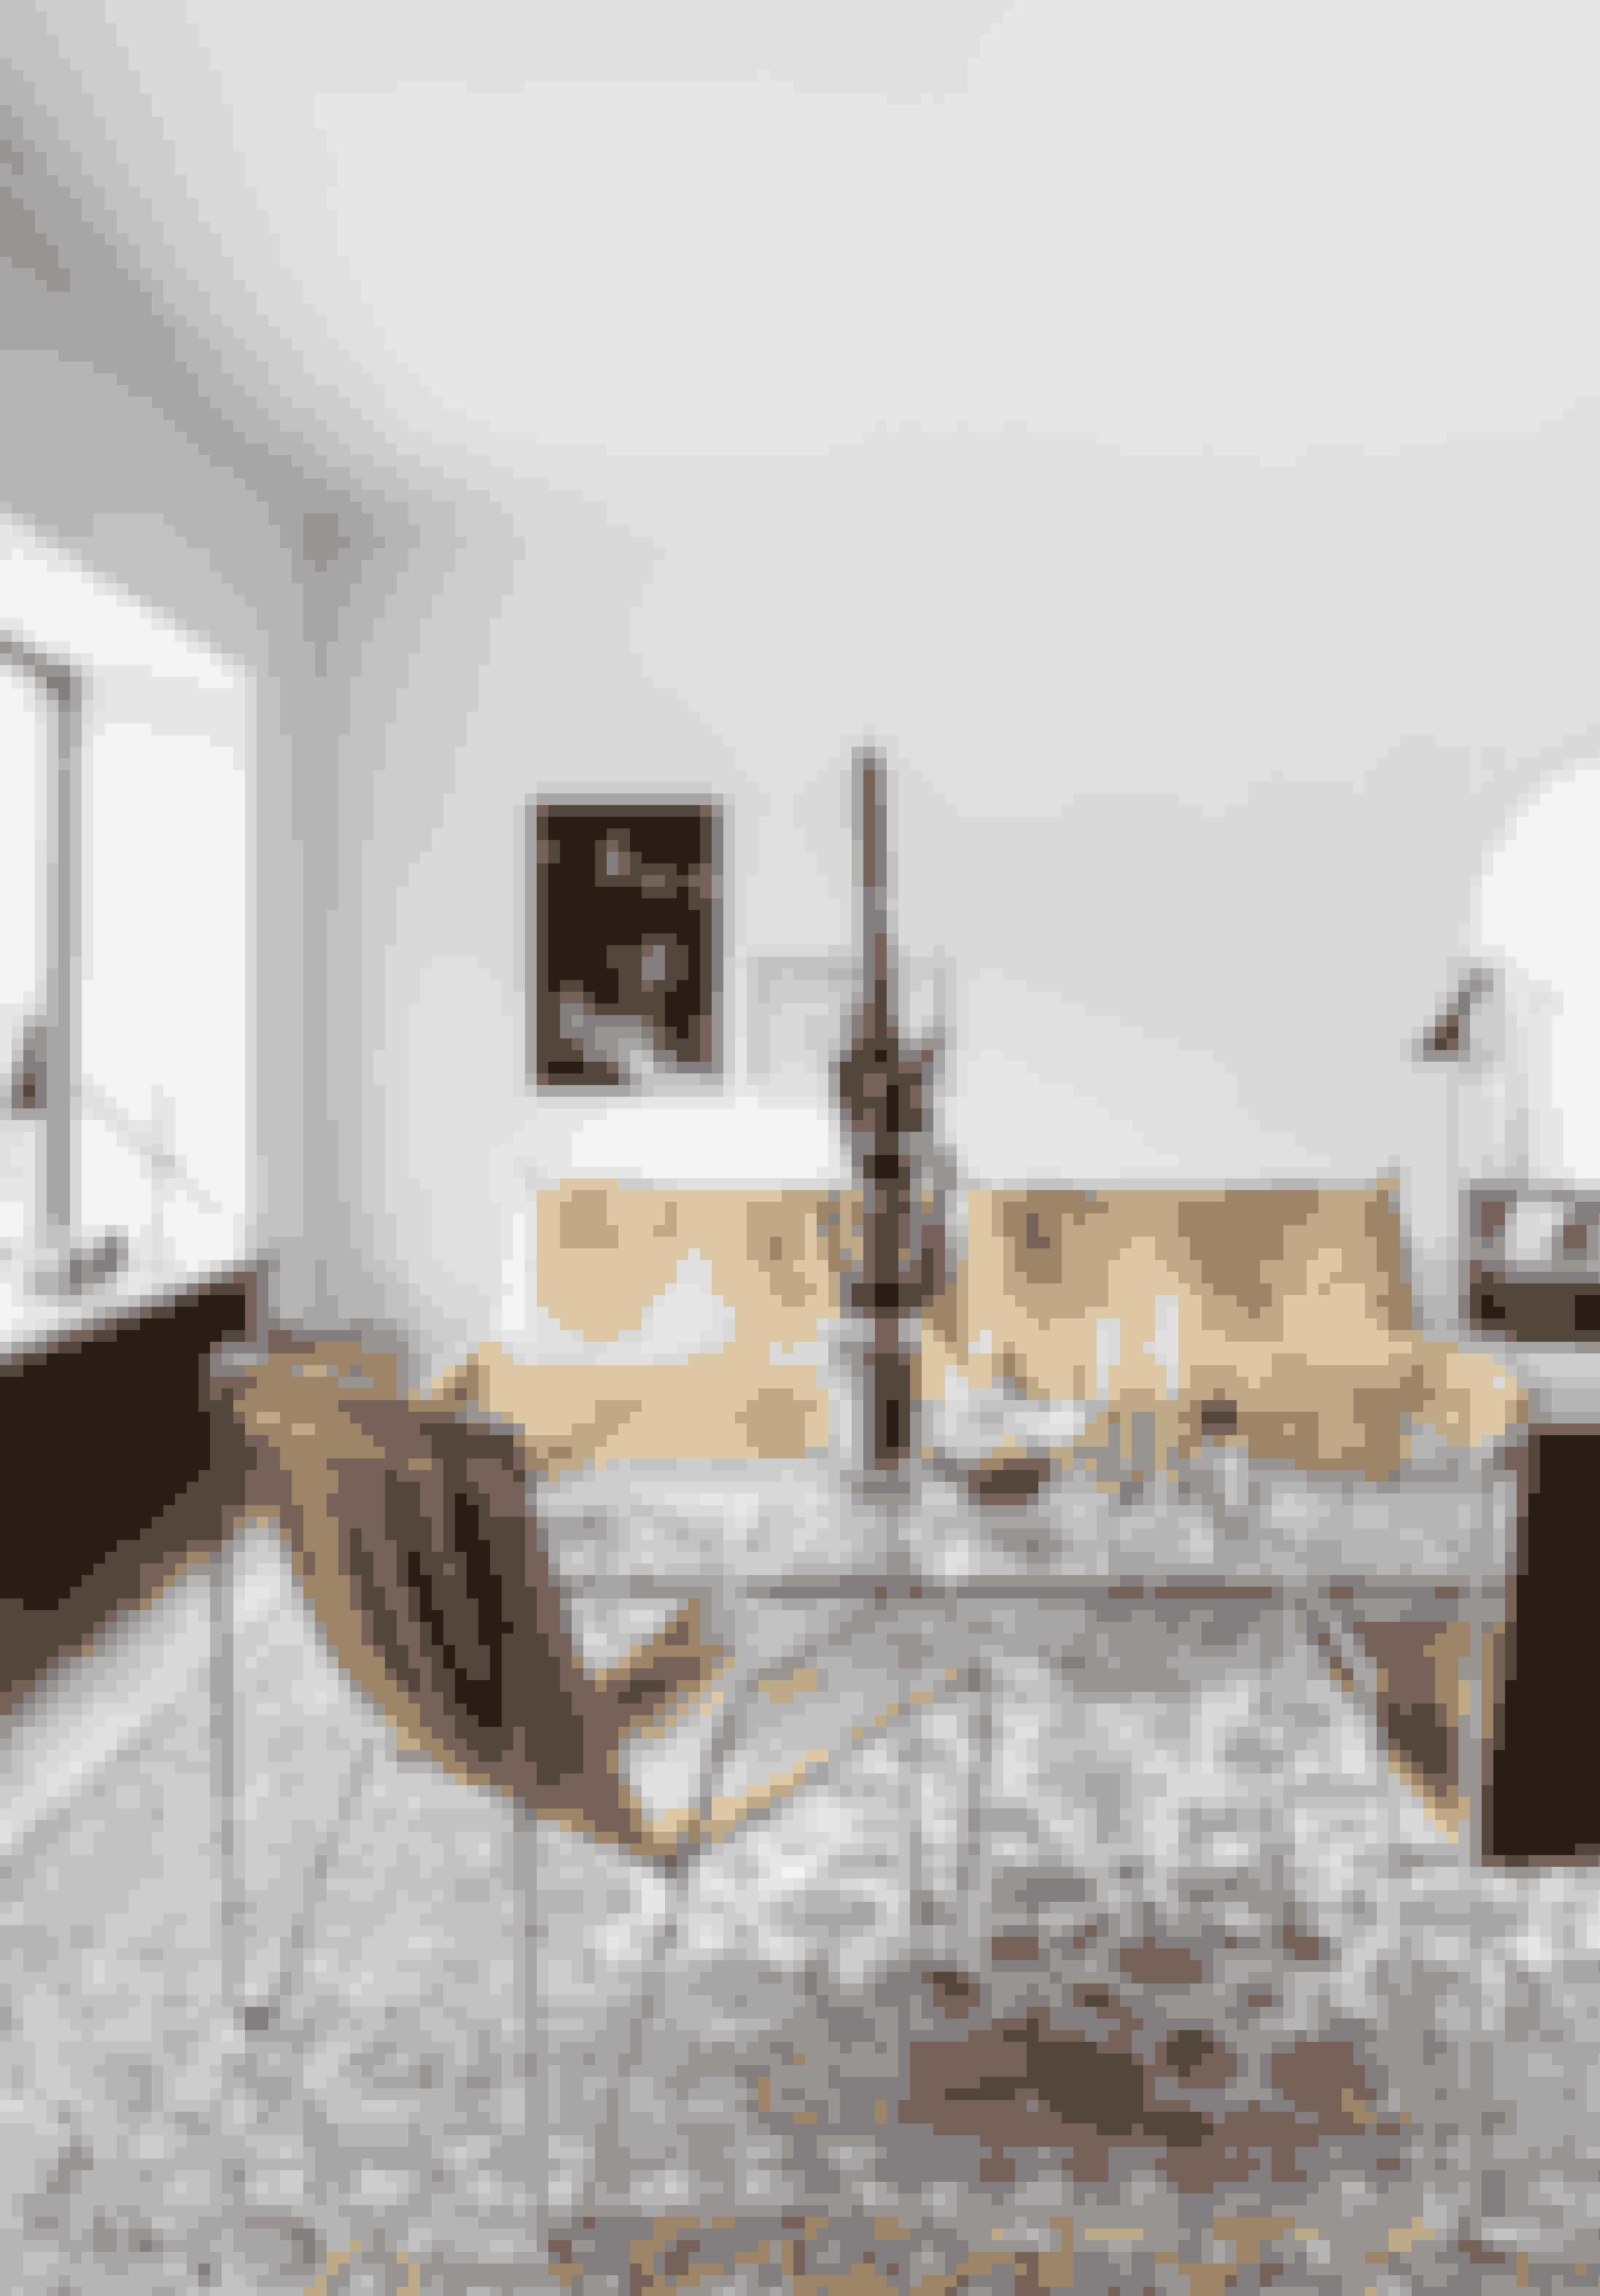 Et stort vinduesparti fri for gardiner giver plads til atypiske møbler og arkitekturens rene linjer.